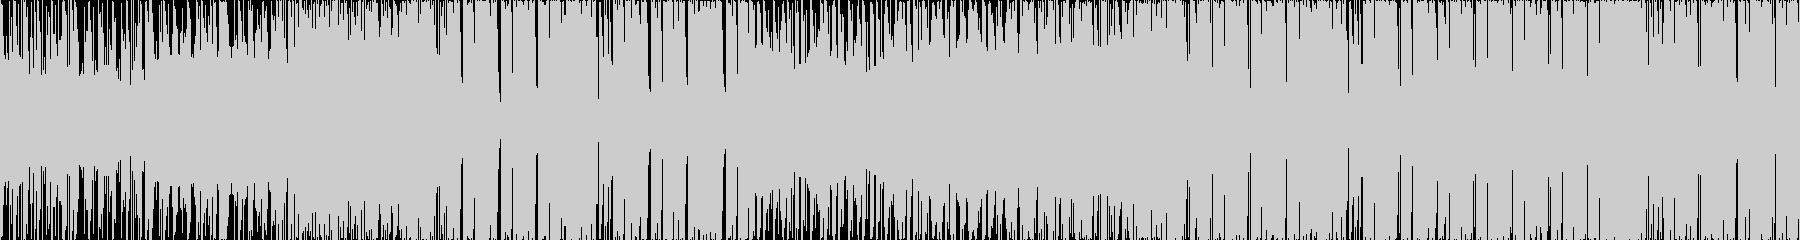 【ループ】三味線フューチャーベースの未再生の波形